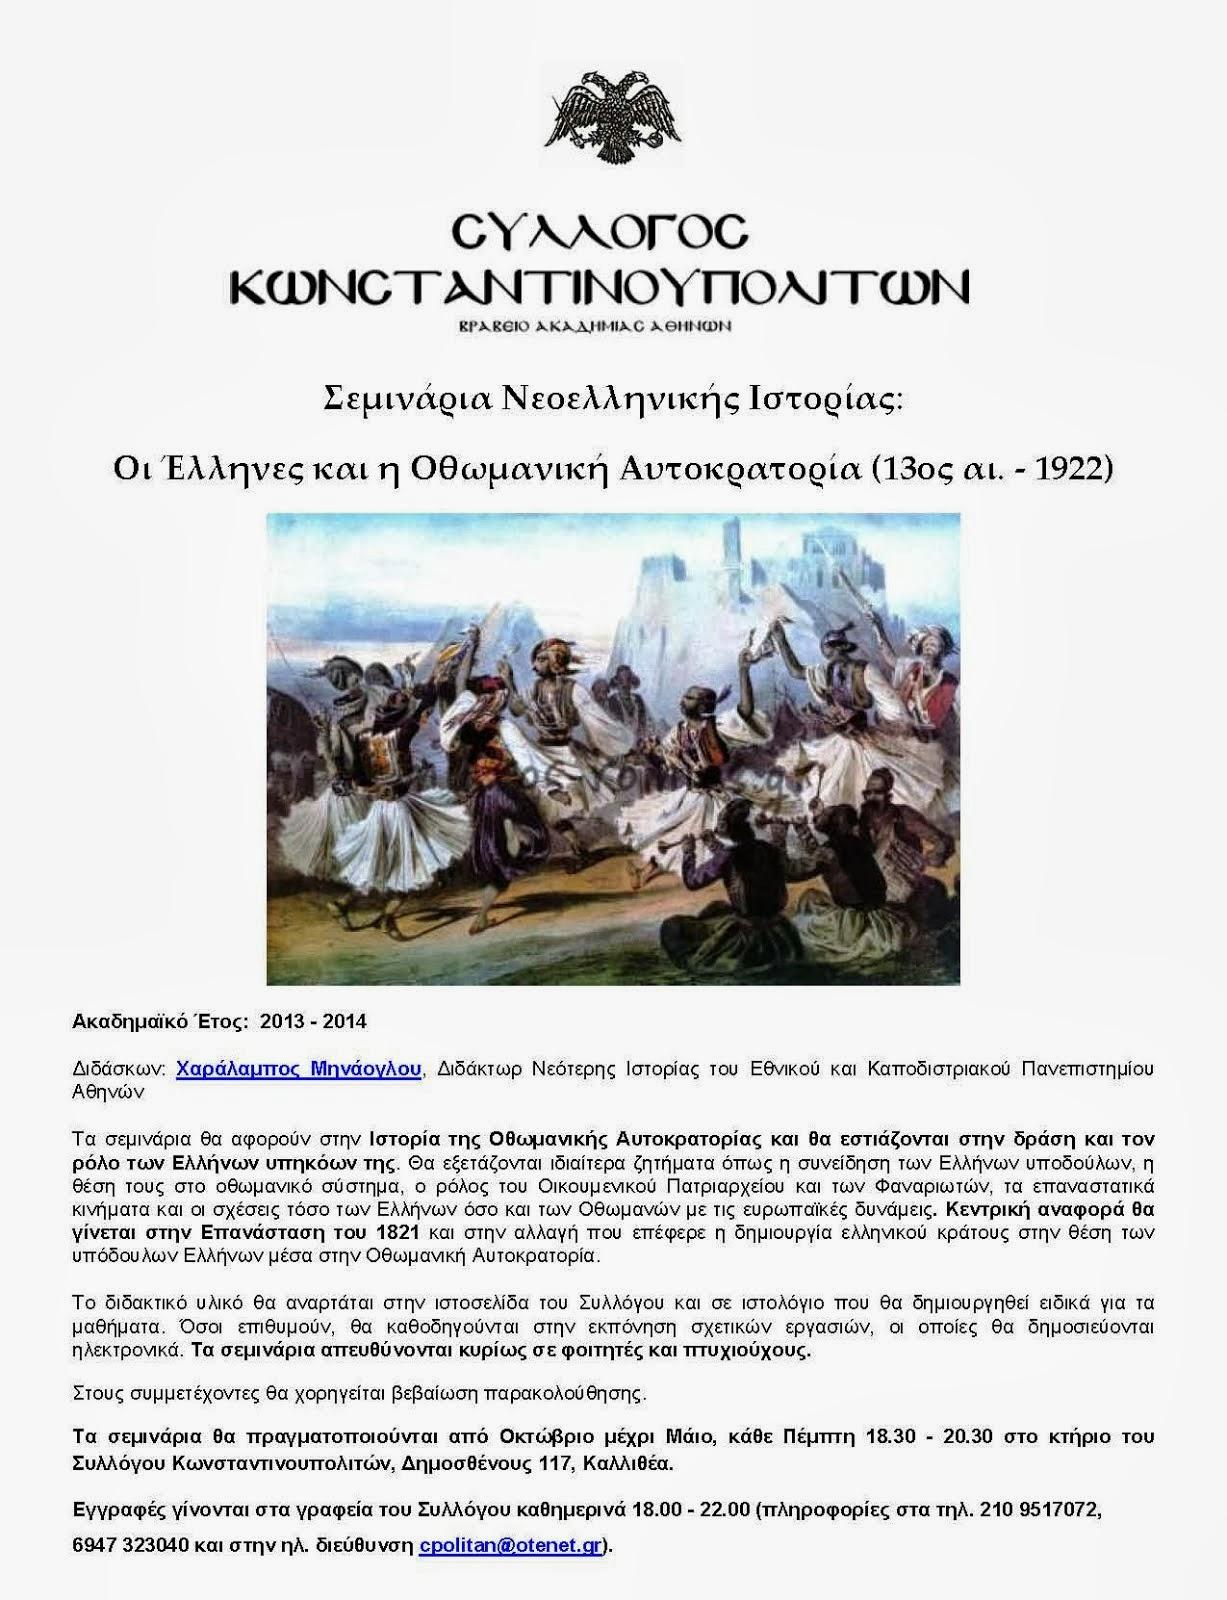 Οι Έλληνες και η Οθωμανική Αυτοκρατορία